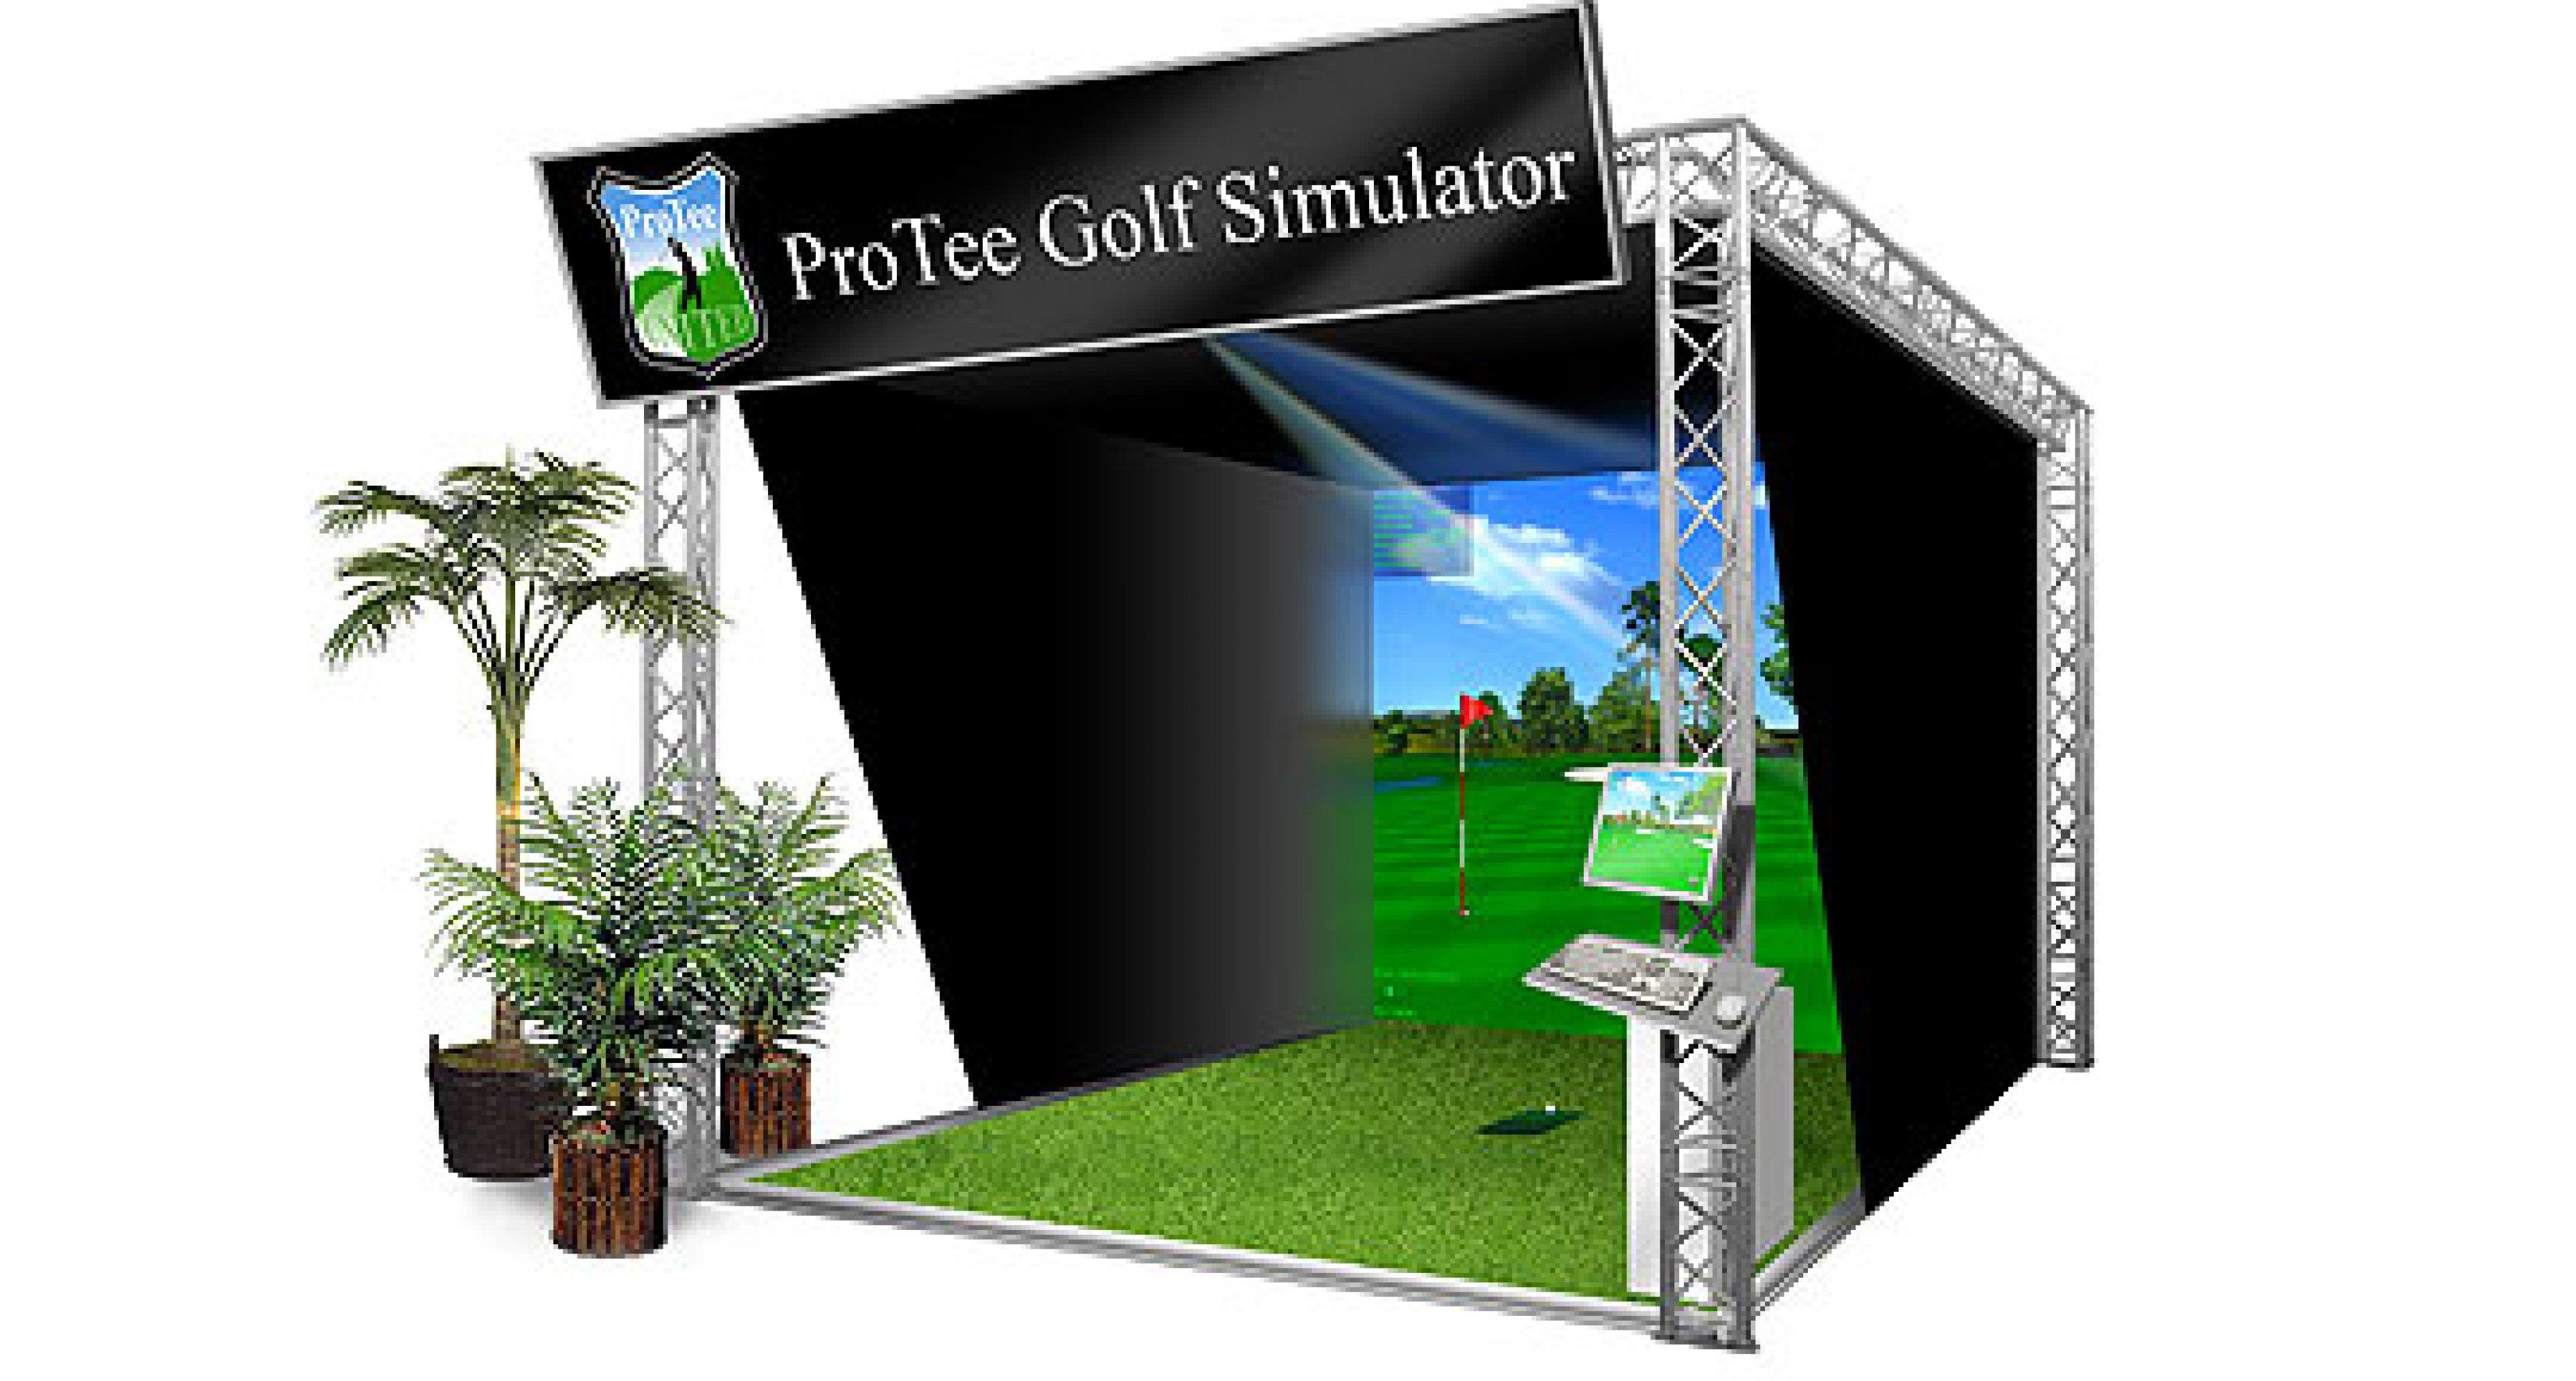 Pro Tee Golfsimulator: Home Golfing